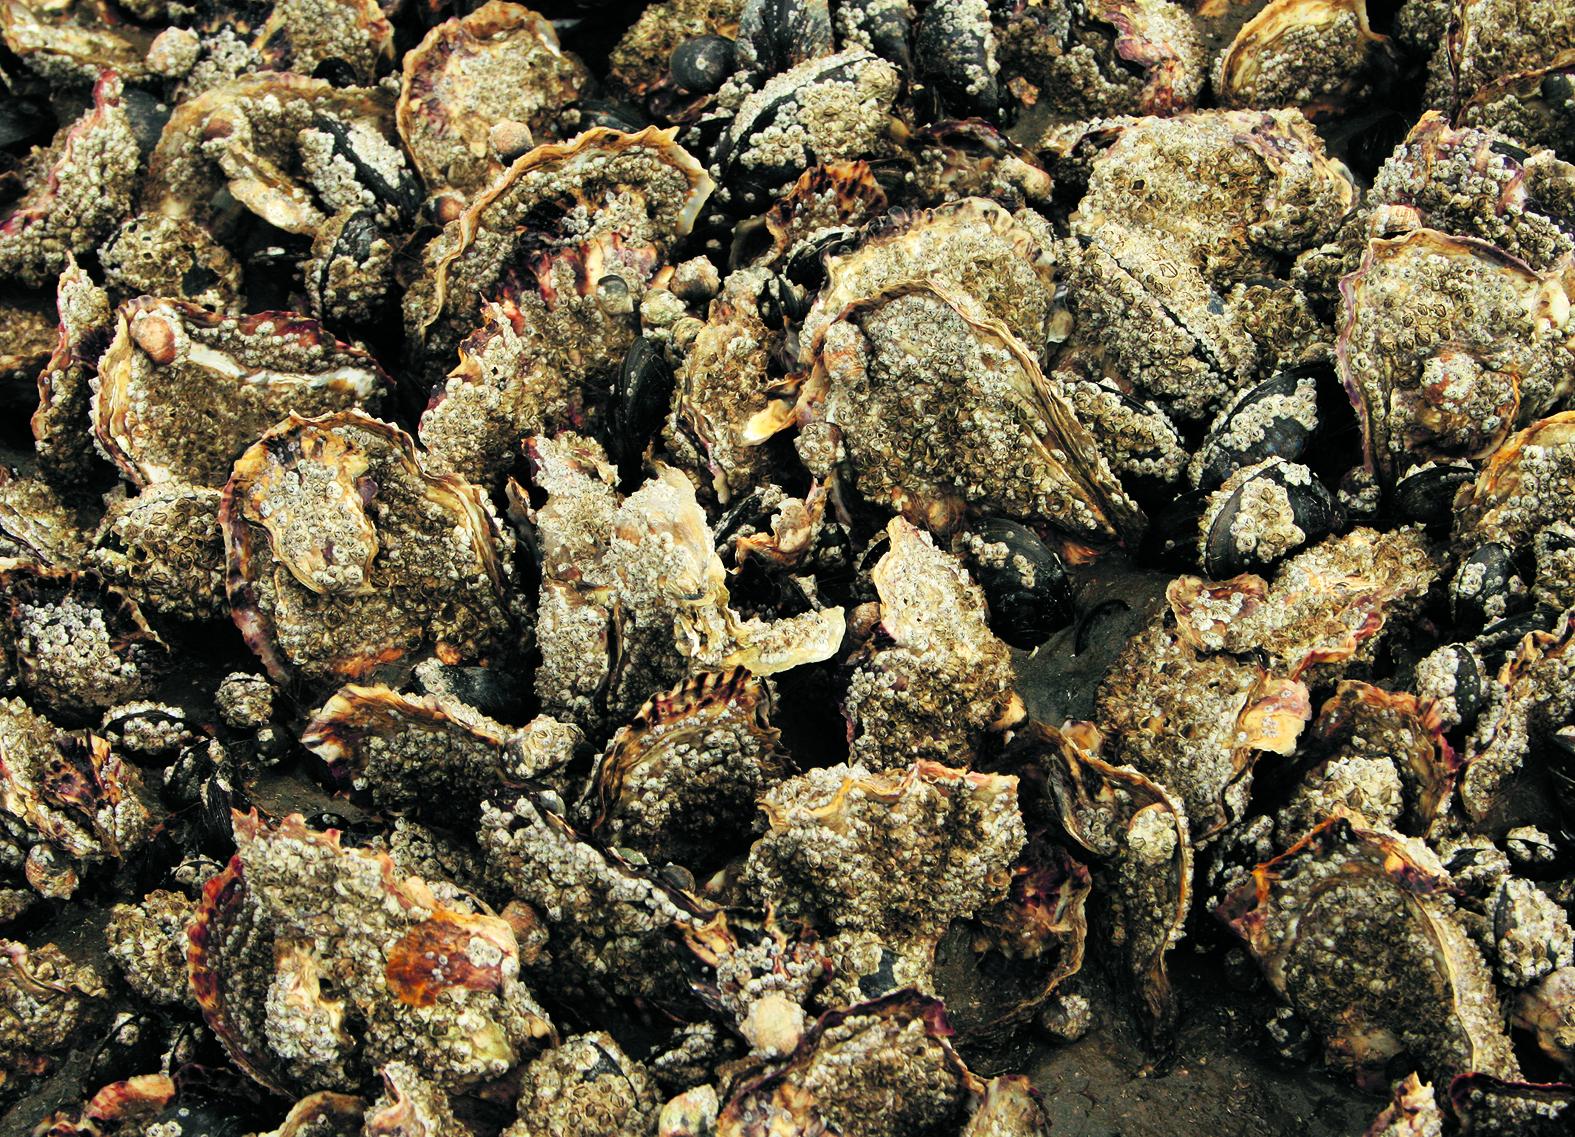 Japanse oesters met zeepokken. (Foto: Jaap Booij)